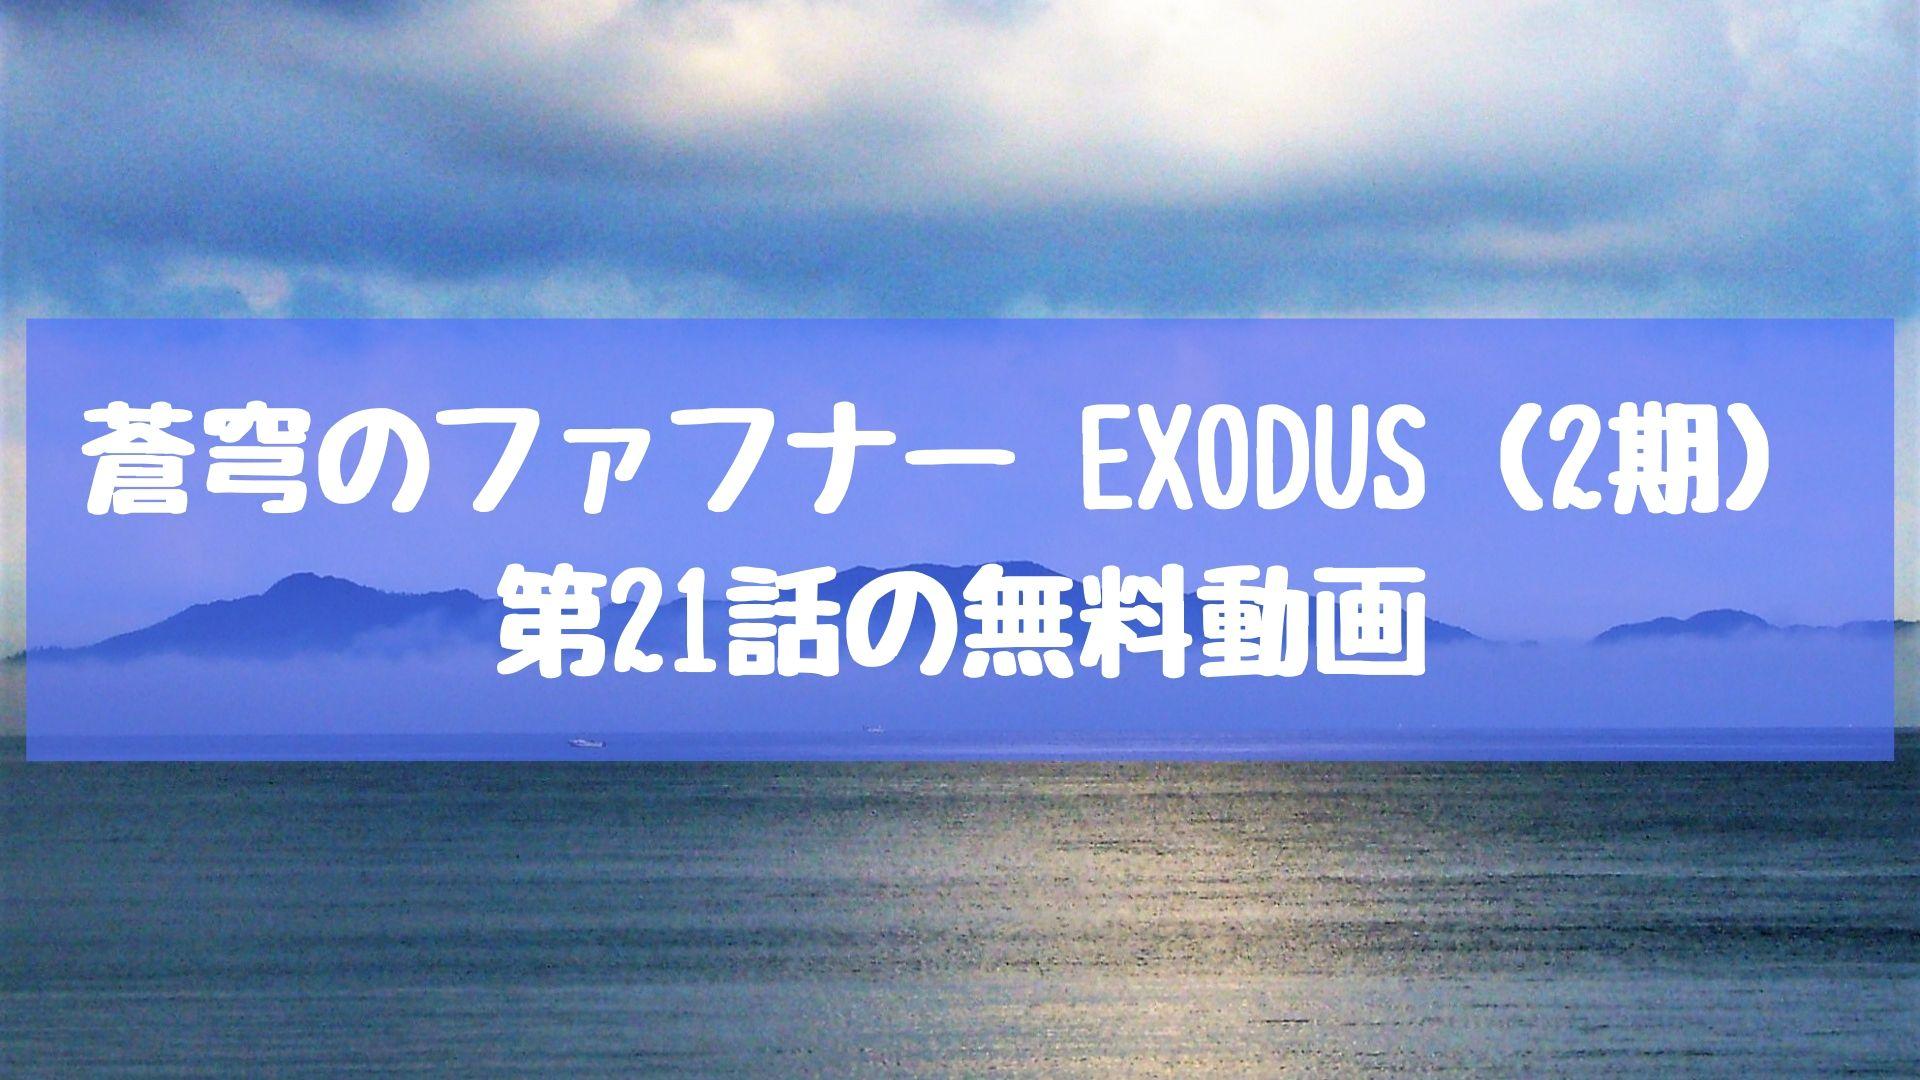 蒼穹のファフナー EXODUS(2期) 第21話の無料動画